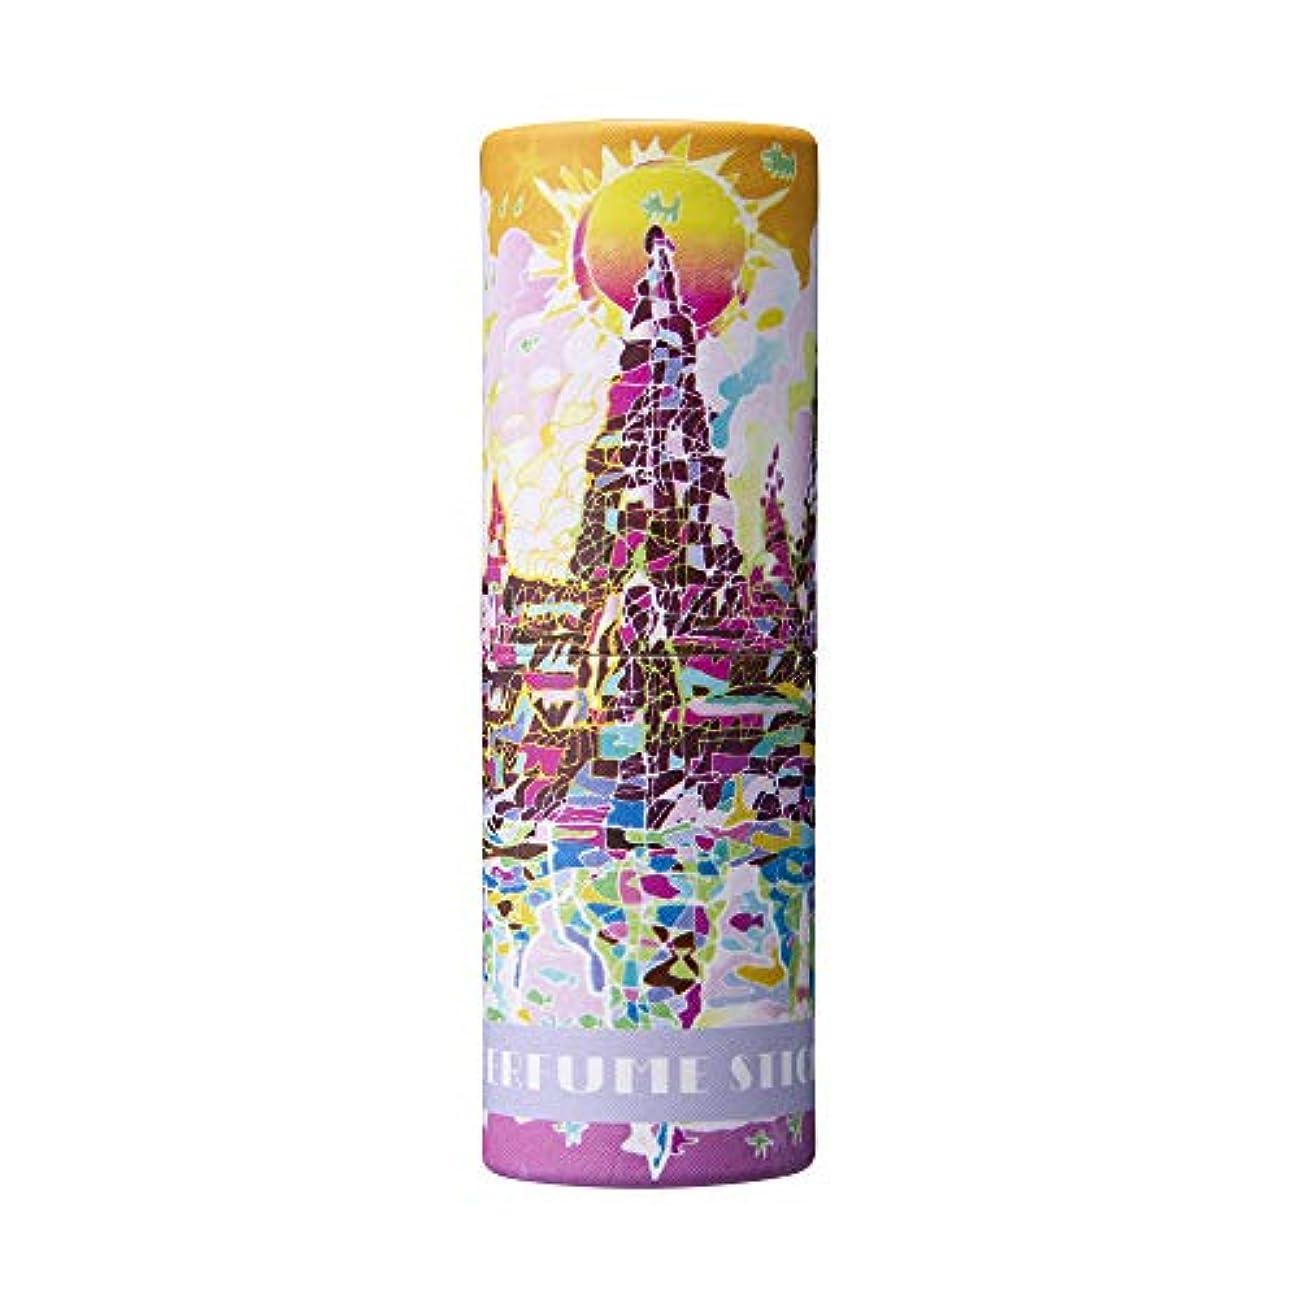 ガード広げるマウントバンクパフュームスティック ドリーム ペア&ピーチの香り 世界遺産デザイン 5g